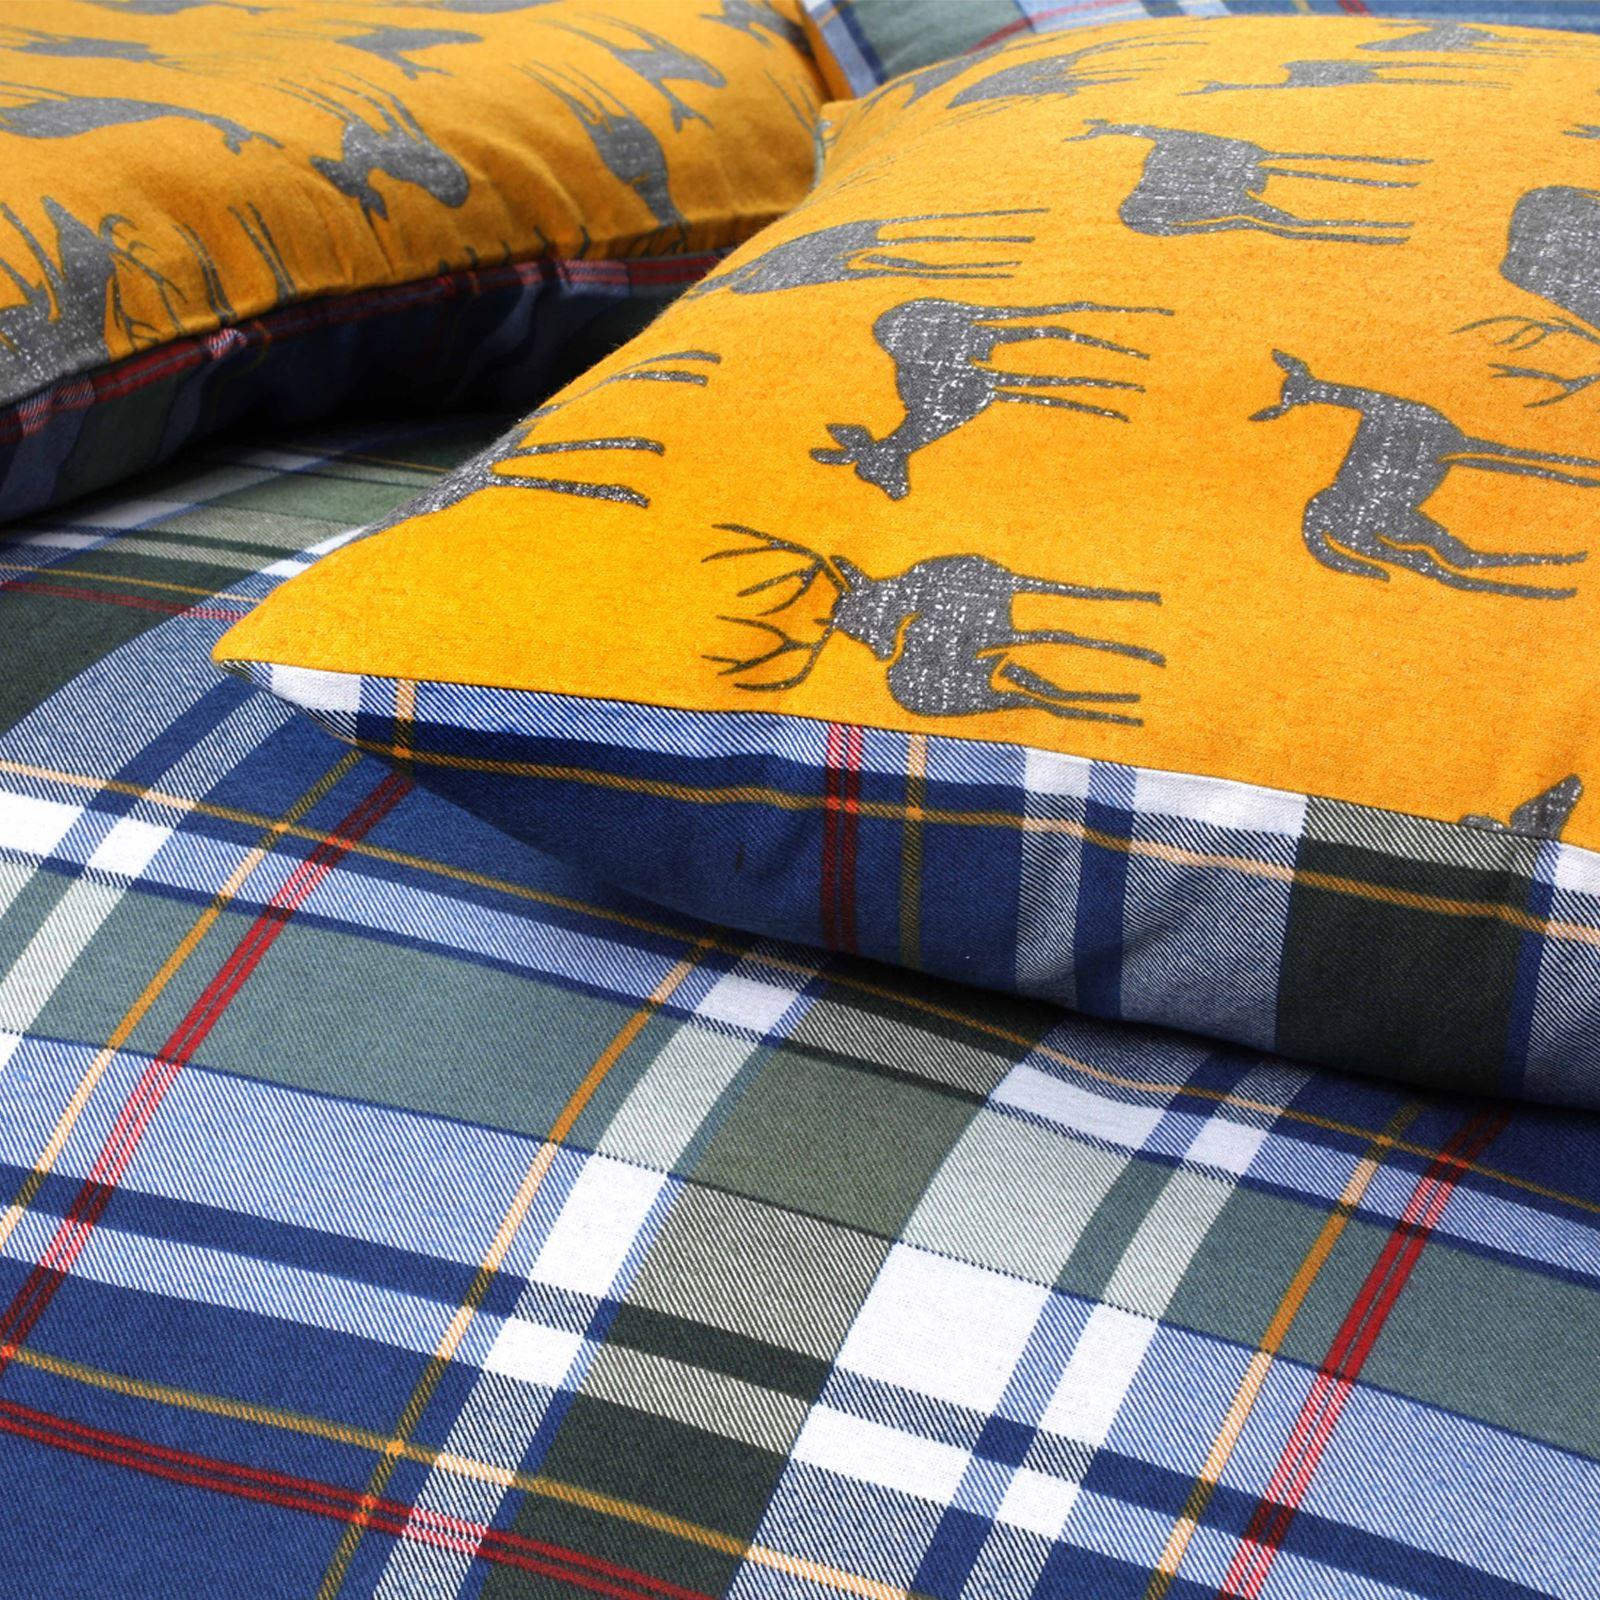 Tartan-100-Brushed-Cotton-Duvet-Cover-Flannelette-Check-Quilt-Set-Bed-Linen-Set thumbnail 13